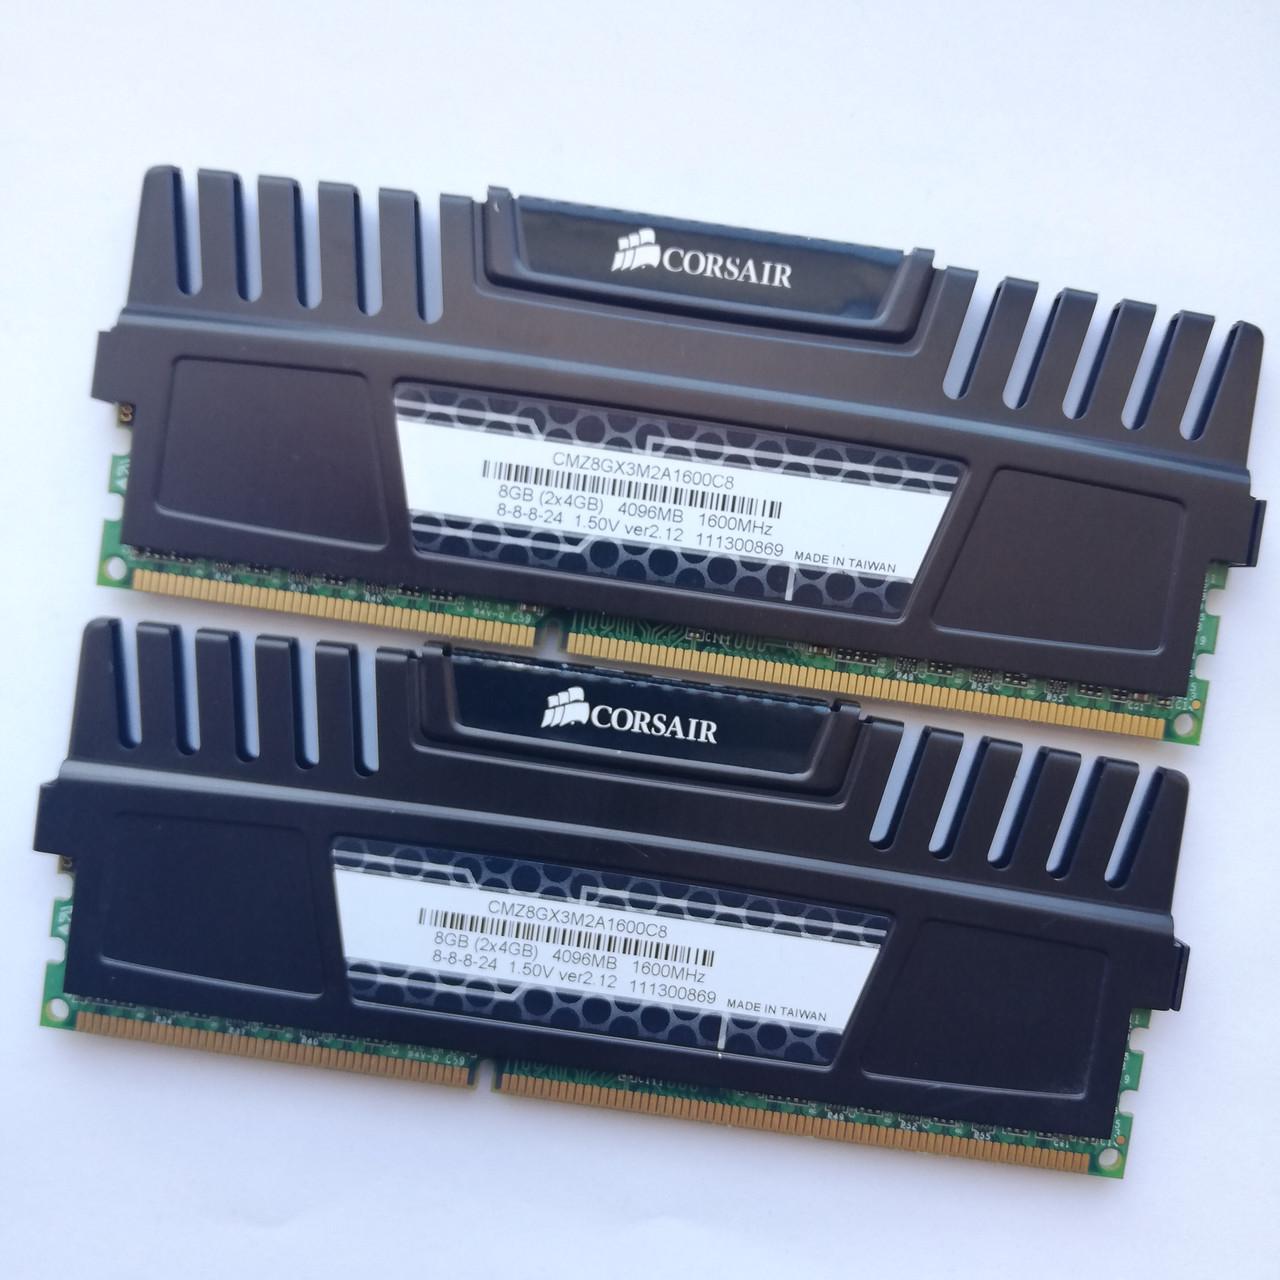 Комплект оперативной памяти Corsair DDR3 8Gb KIT of 2 1600MHz PC3 12800U CL8 (CMZ8GX3M2A1600C8) Б/У